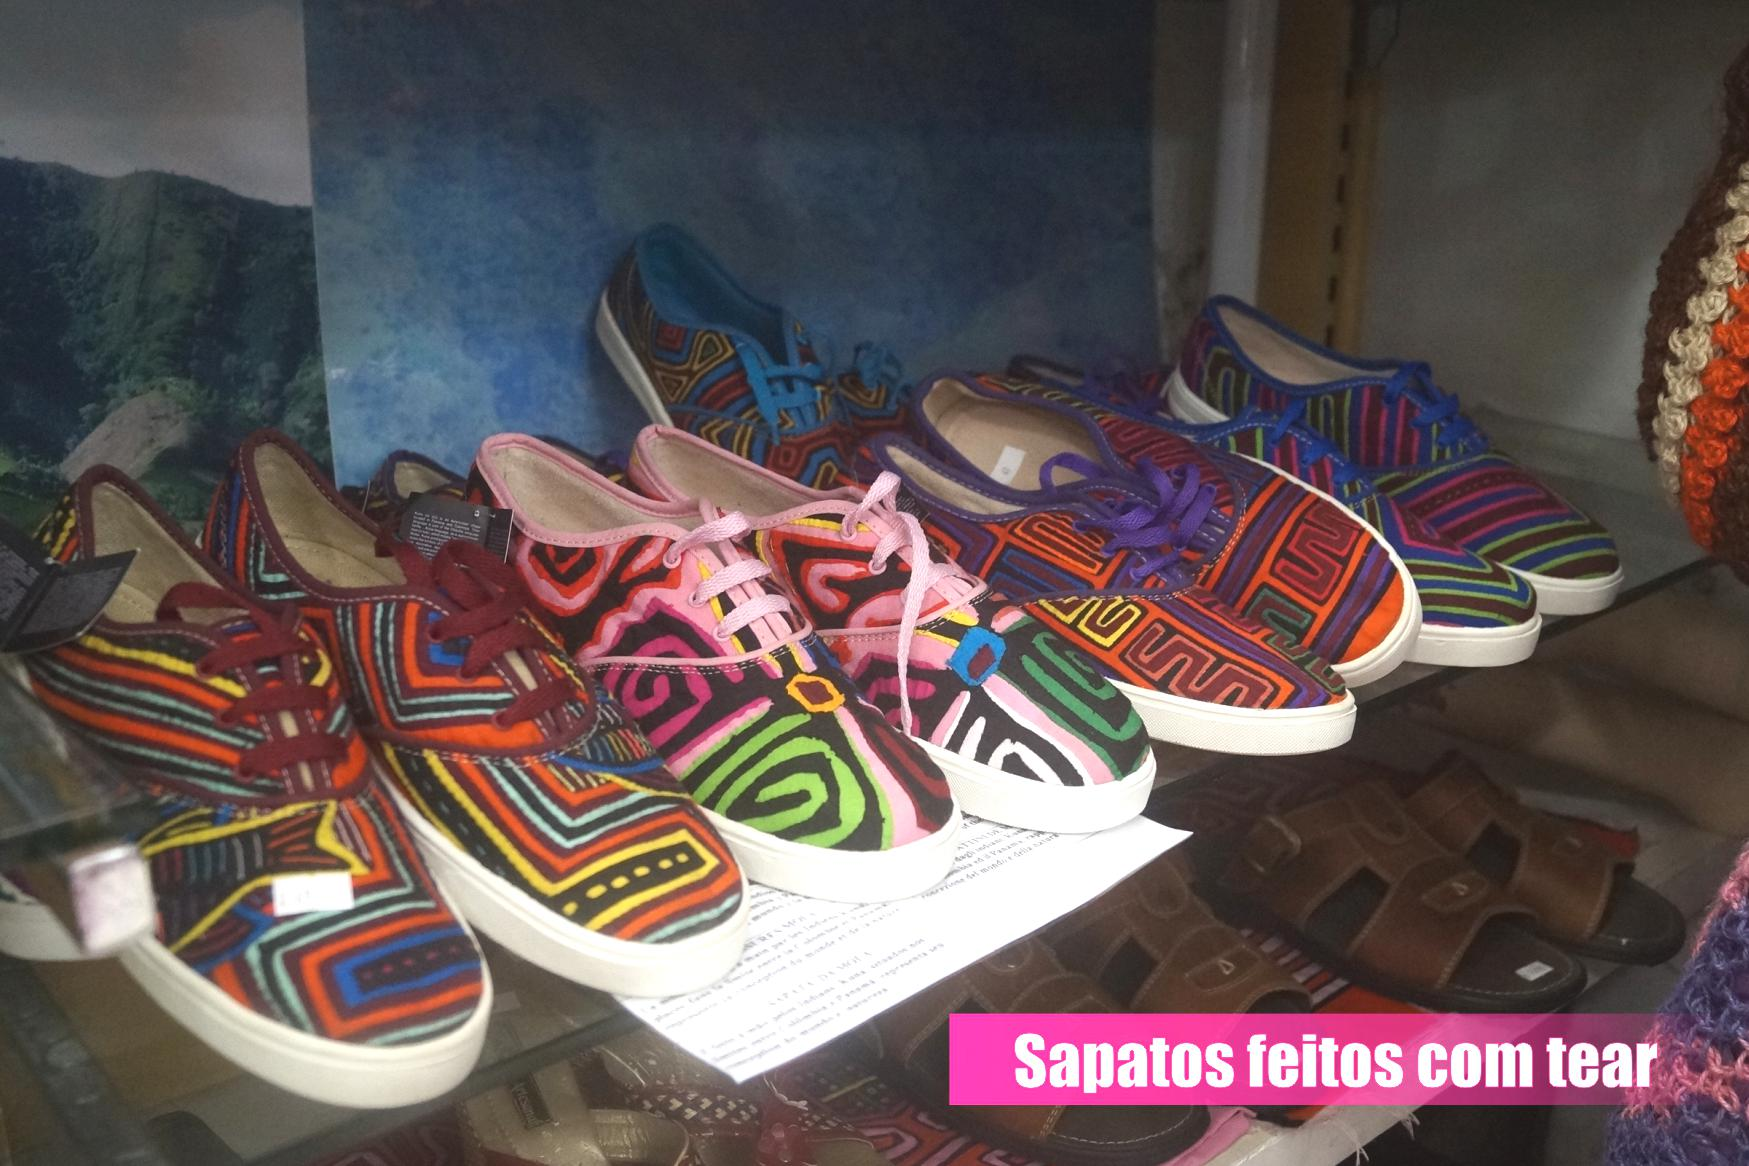 f9f240d71e3 sapatos A Colômbia sempre teve uma riquíssima tradição de artesanato